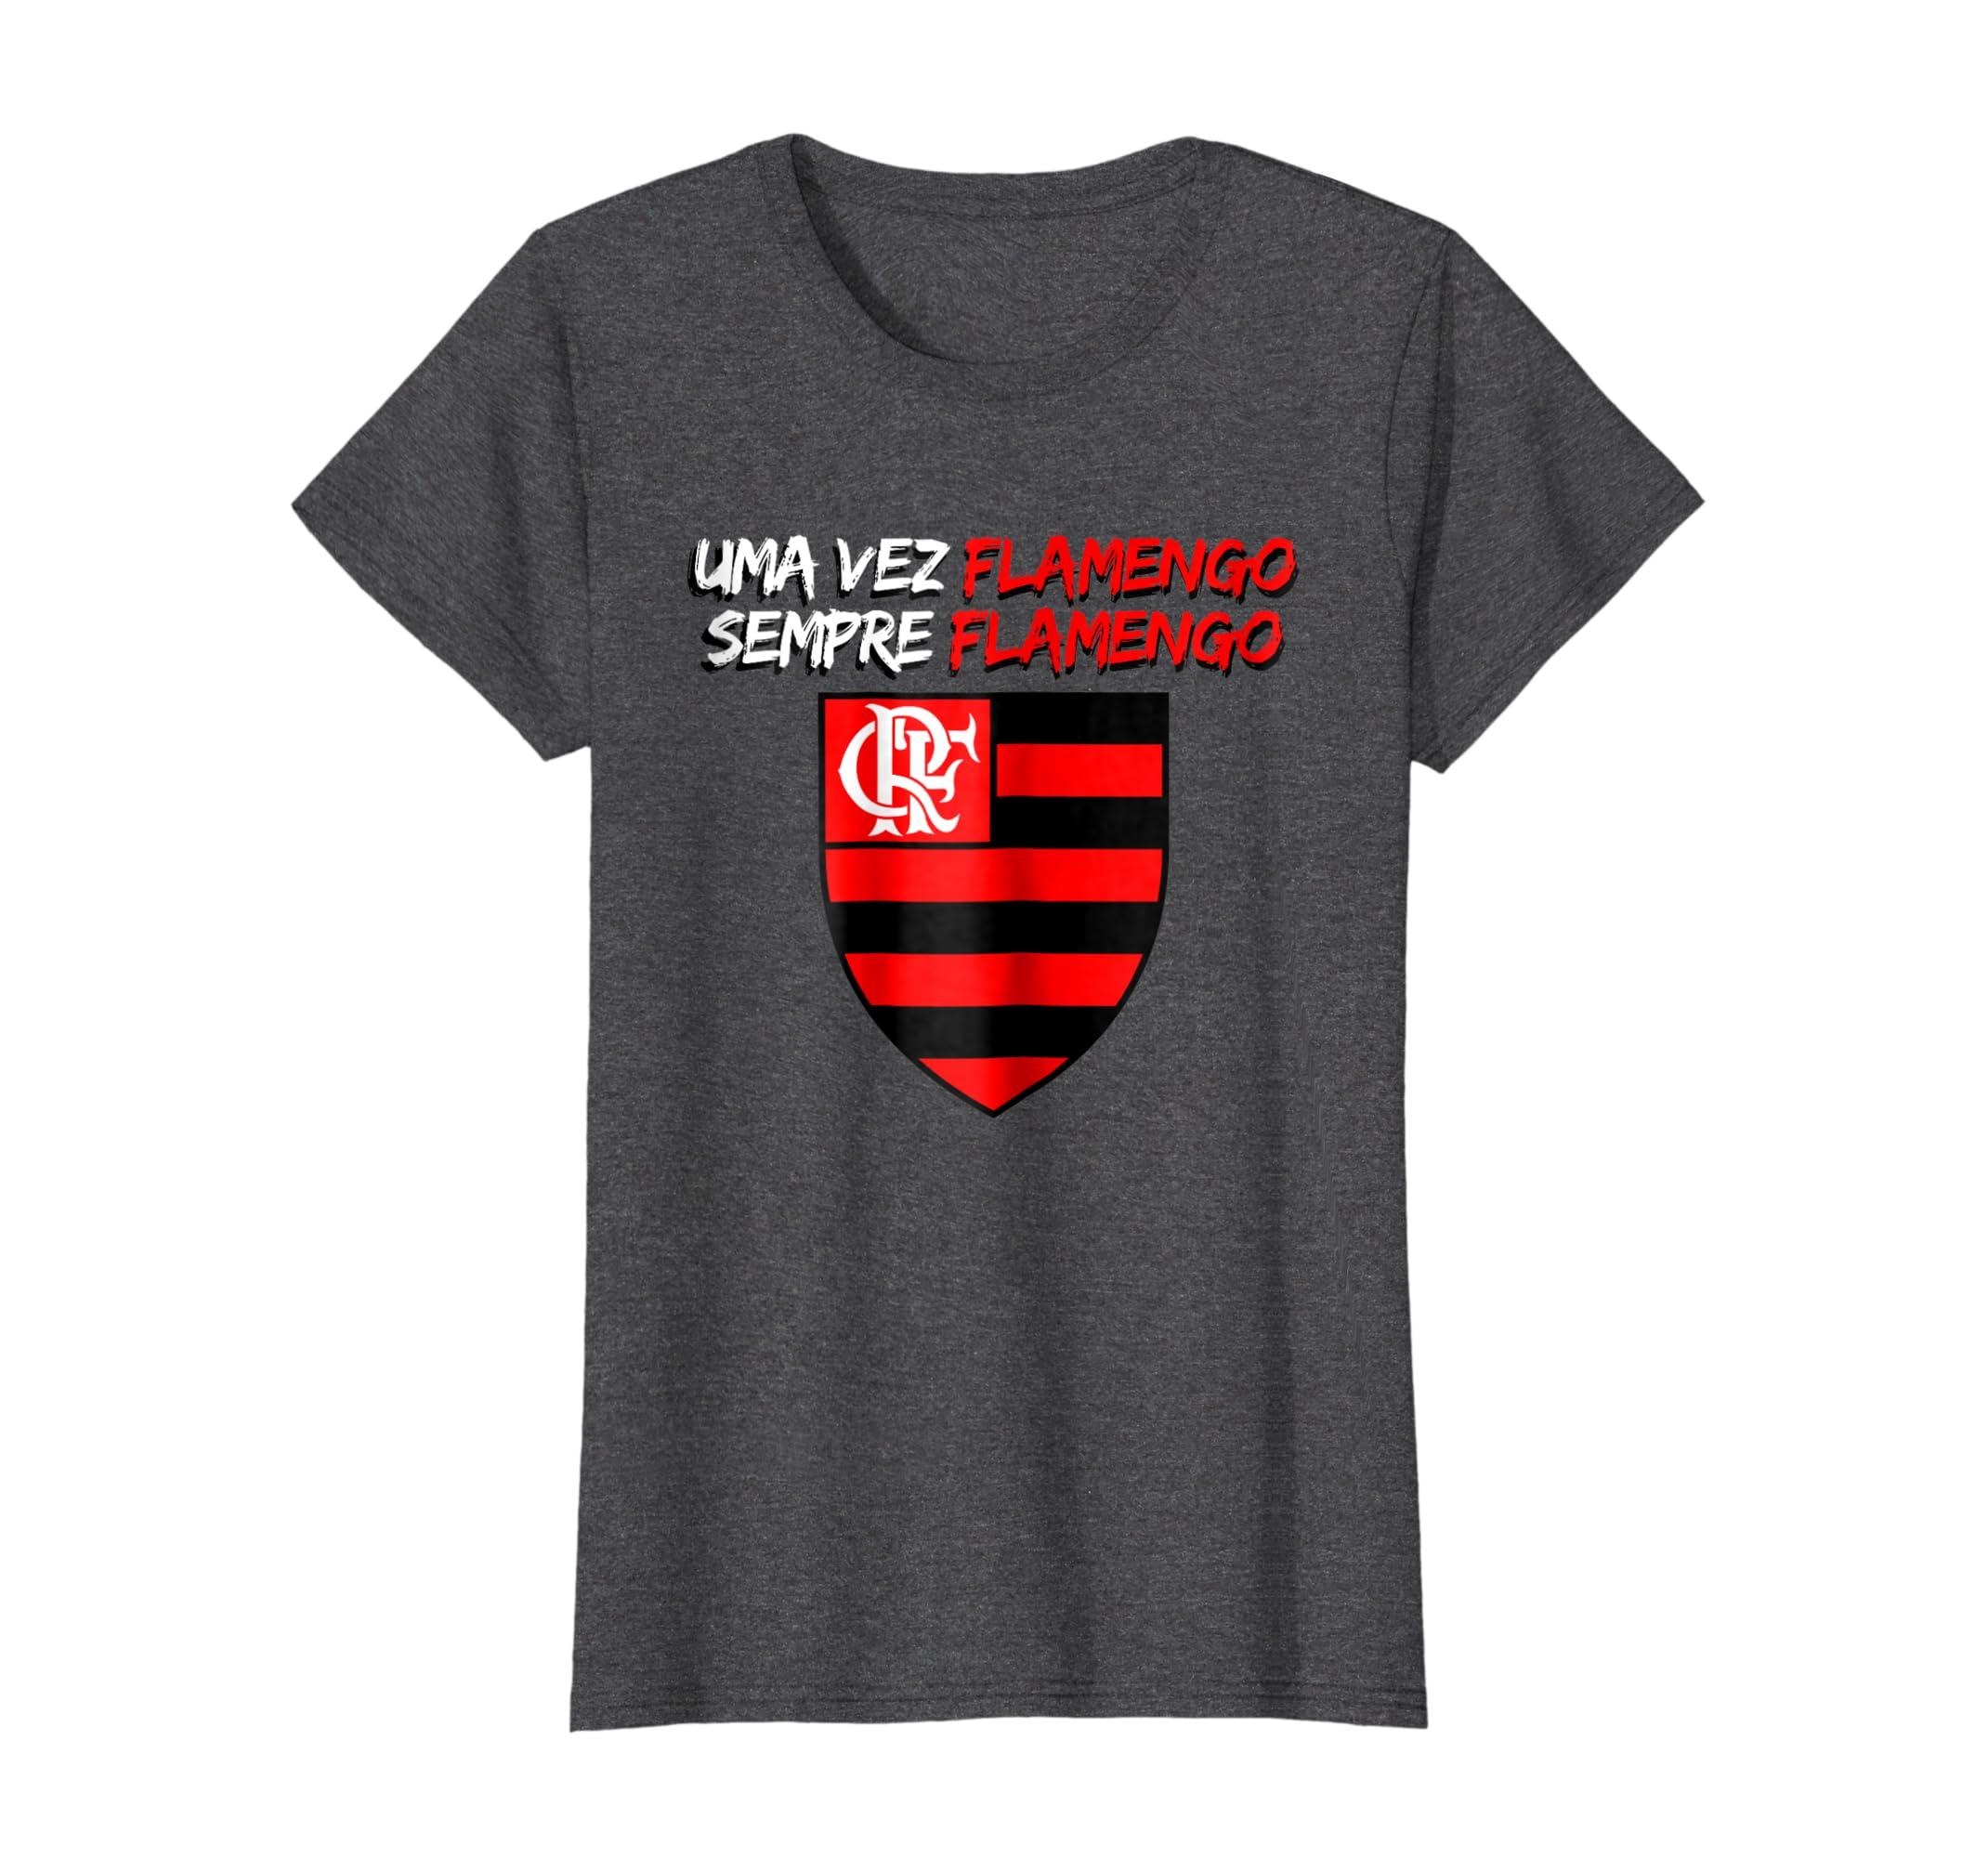 Camisetas de futbol adidas 2015  31e9c9057441a